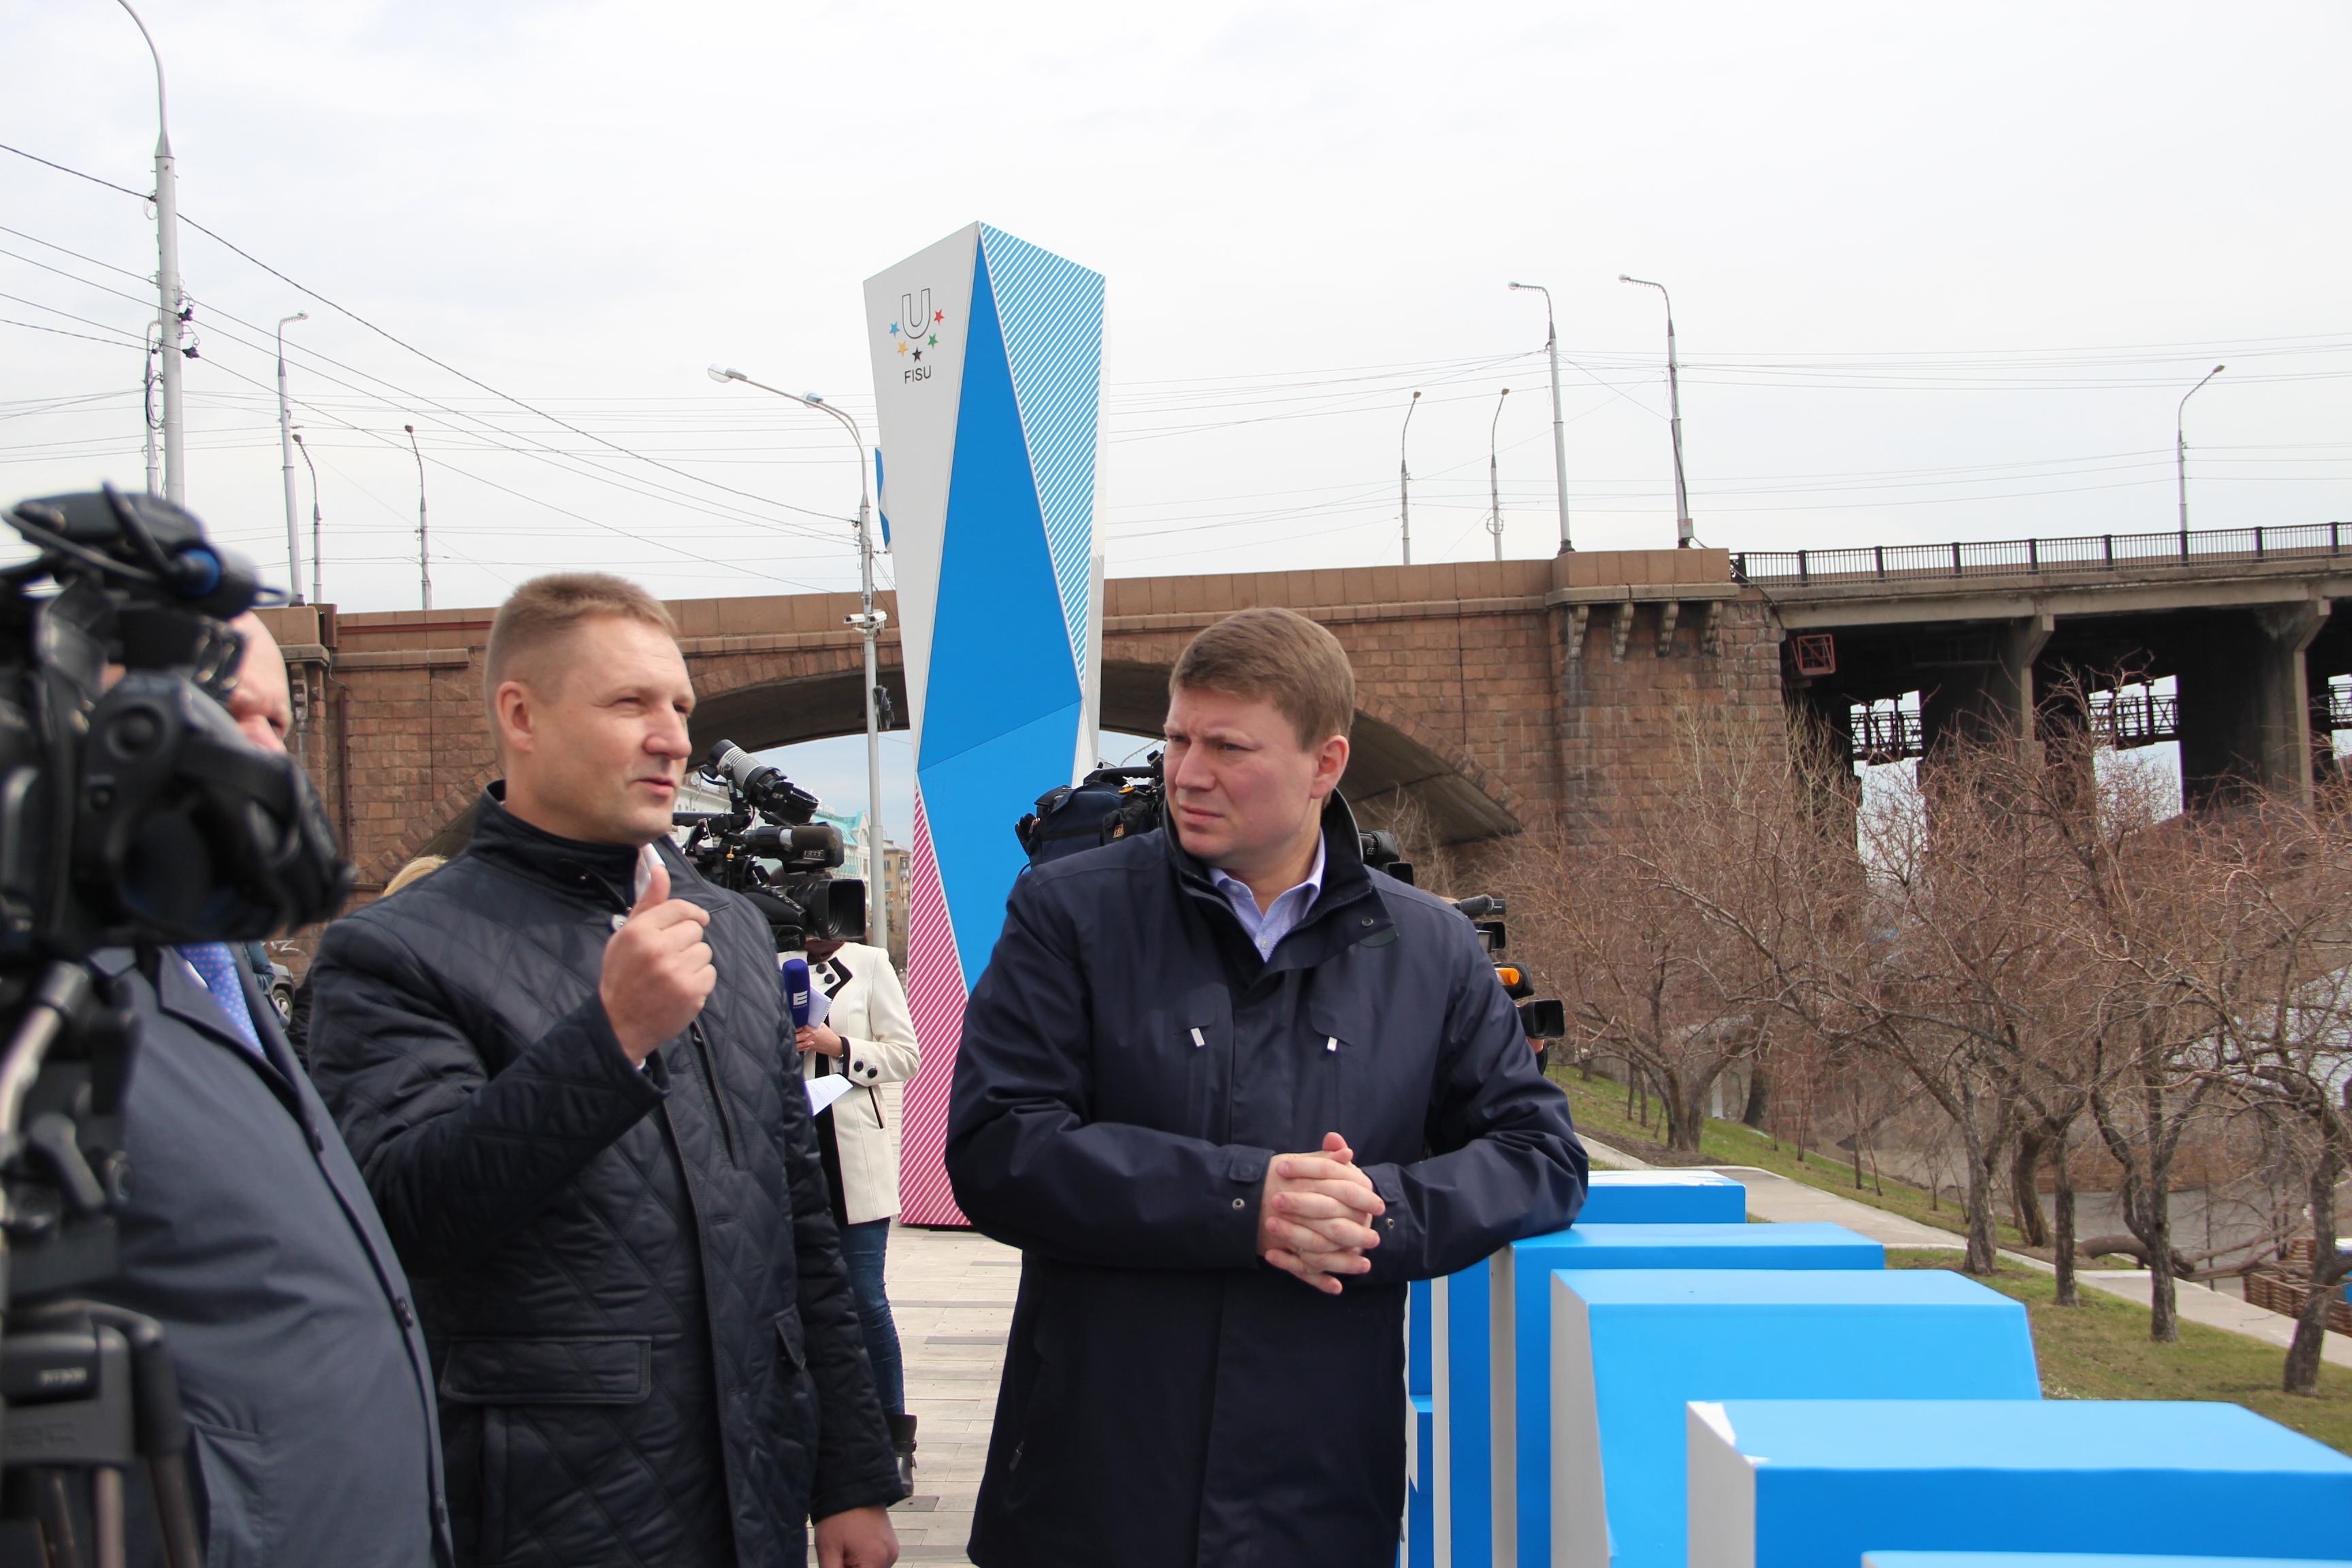 26 апреля 2018 года состоялся технический запуск речных фонтанов, на который приехал Глава города Красноярска Сергей Еремин.